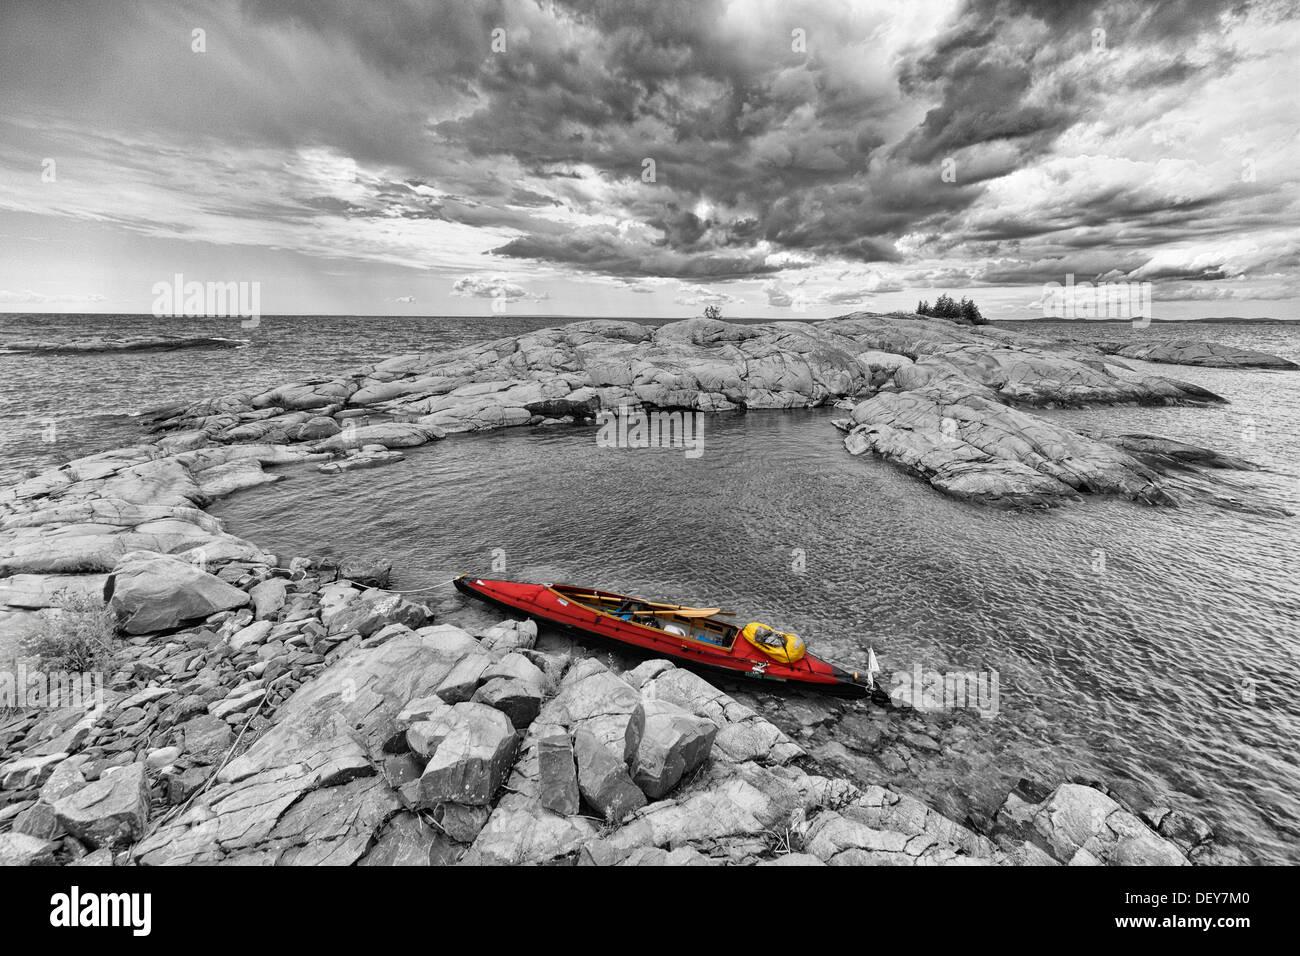 Folding Kayak Stock Photos & Folding Kayak Stock Images - Alamy